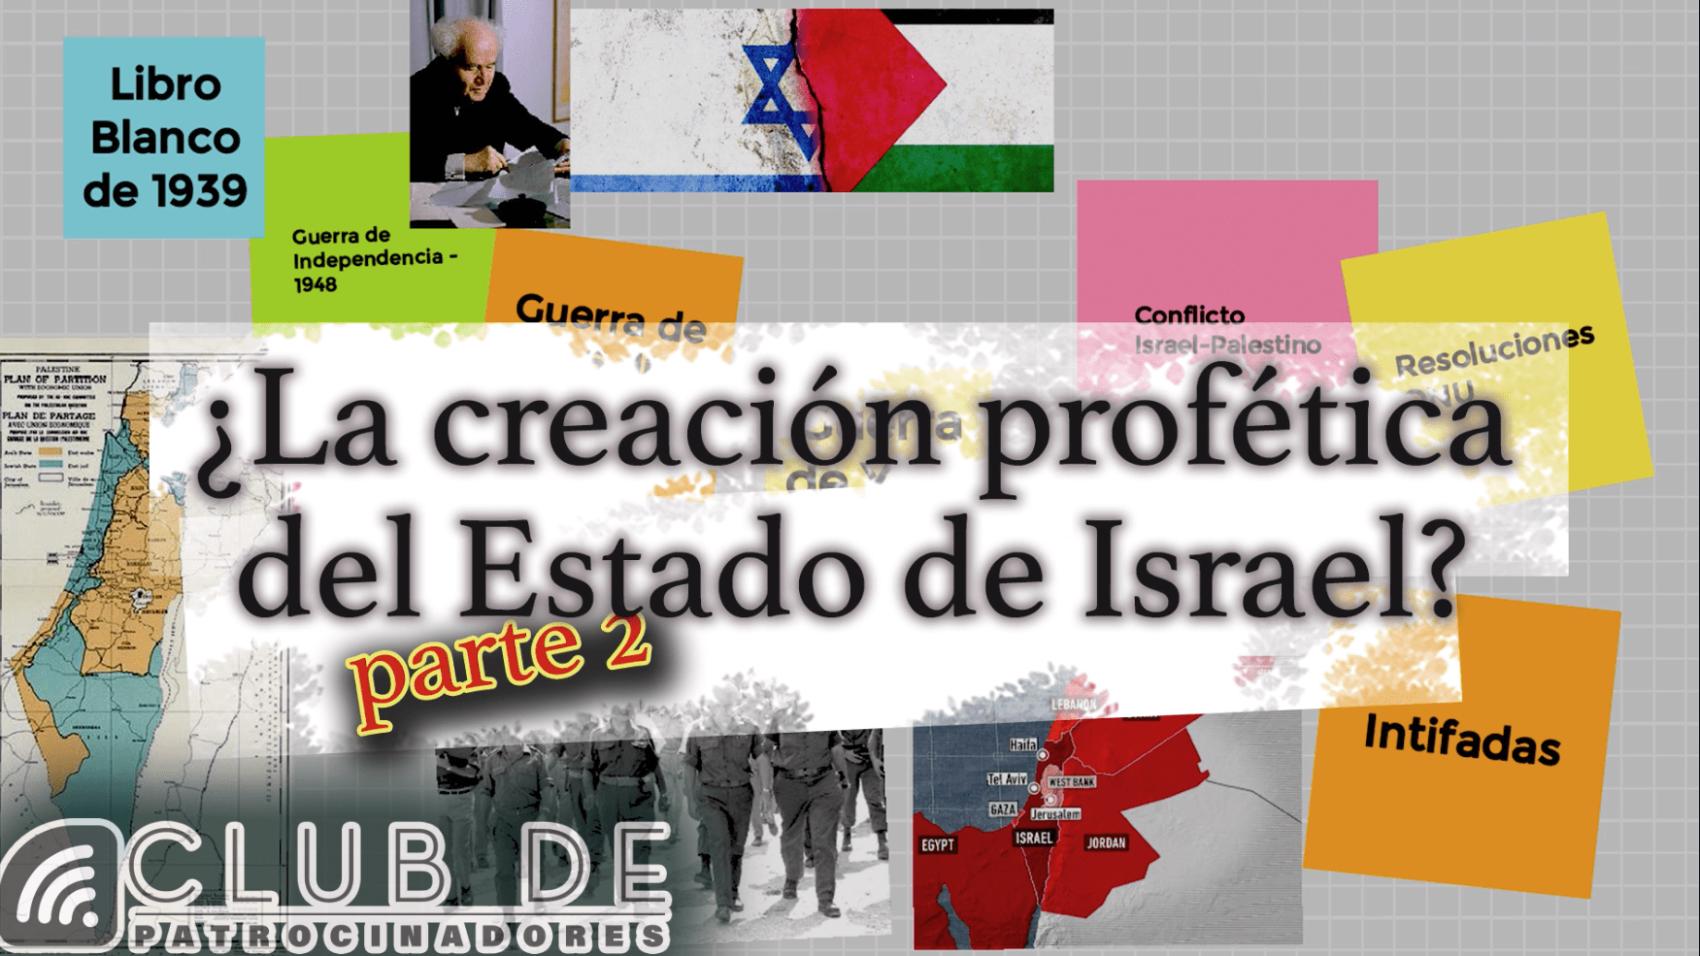 Creacion profetica del Estado de Israel 2